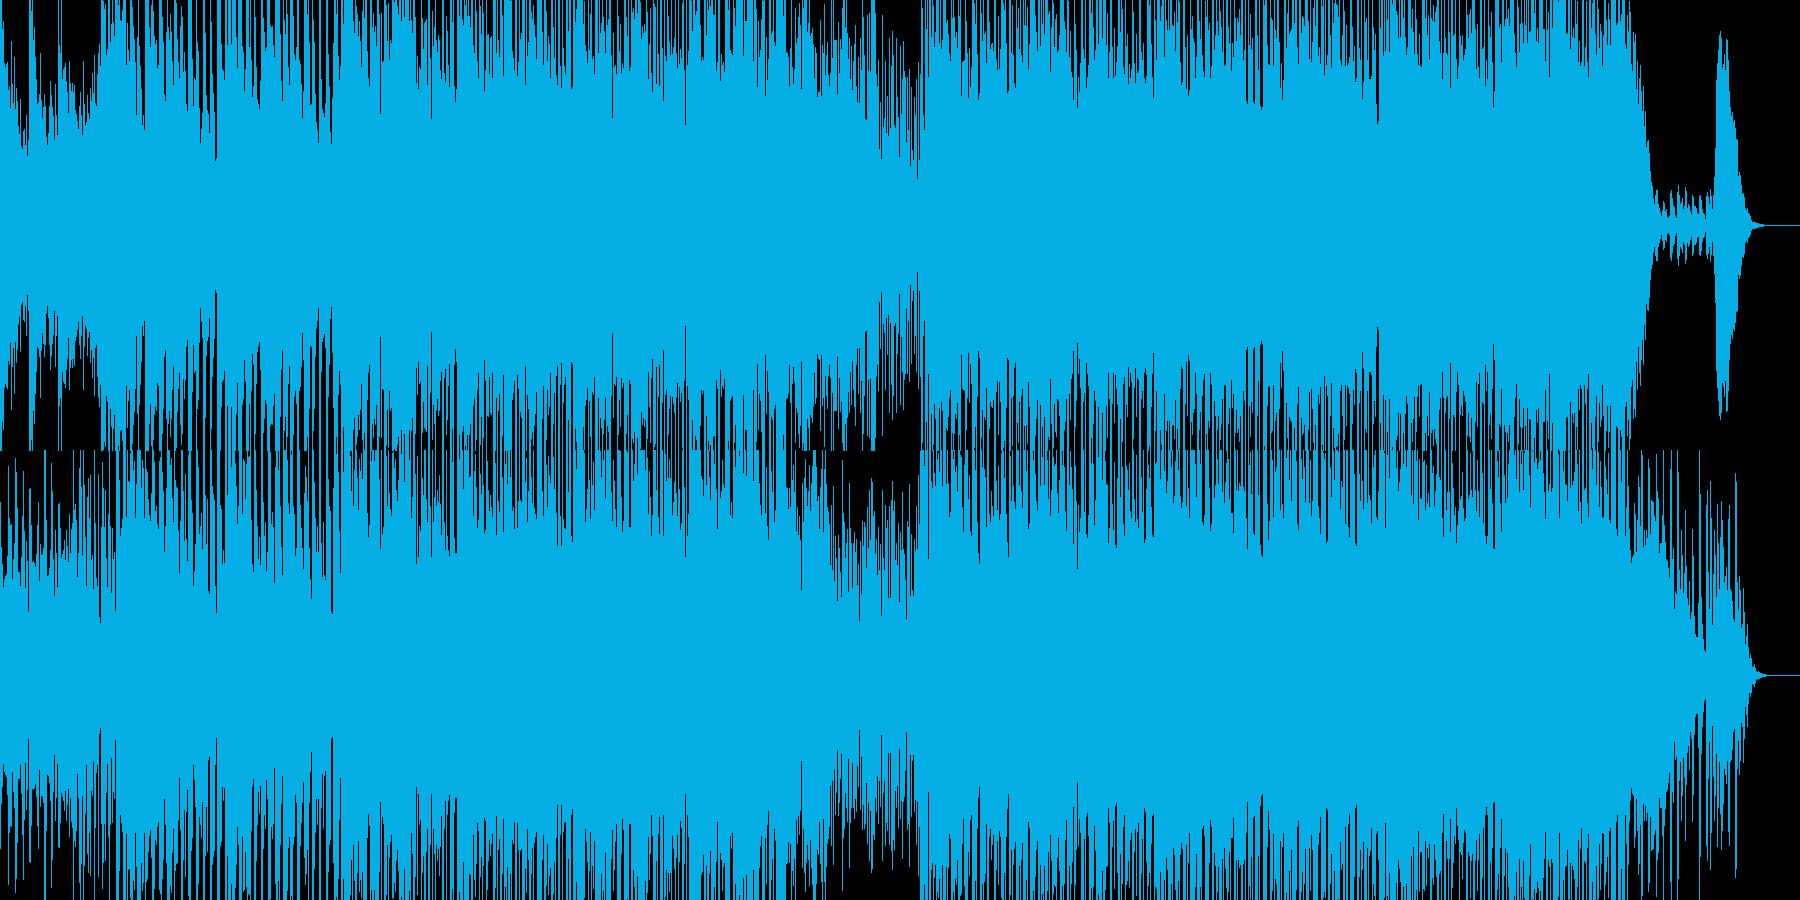 ストリングスによる哀愁感のあるメロディーの再生済みの波形